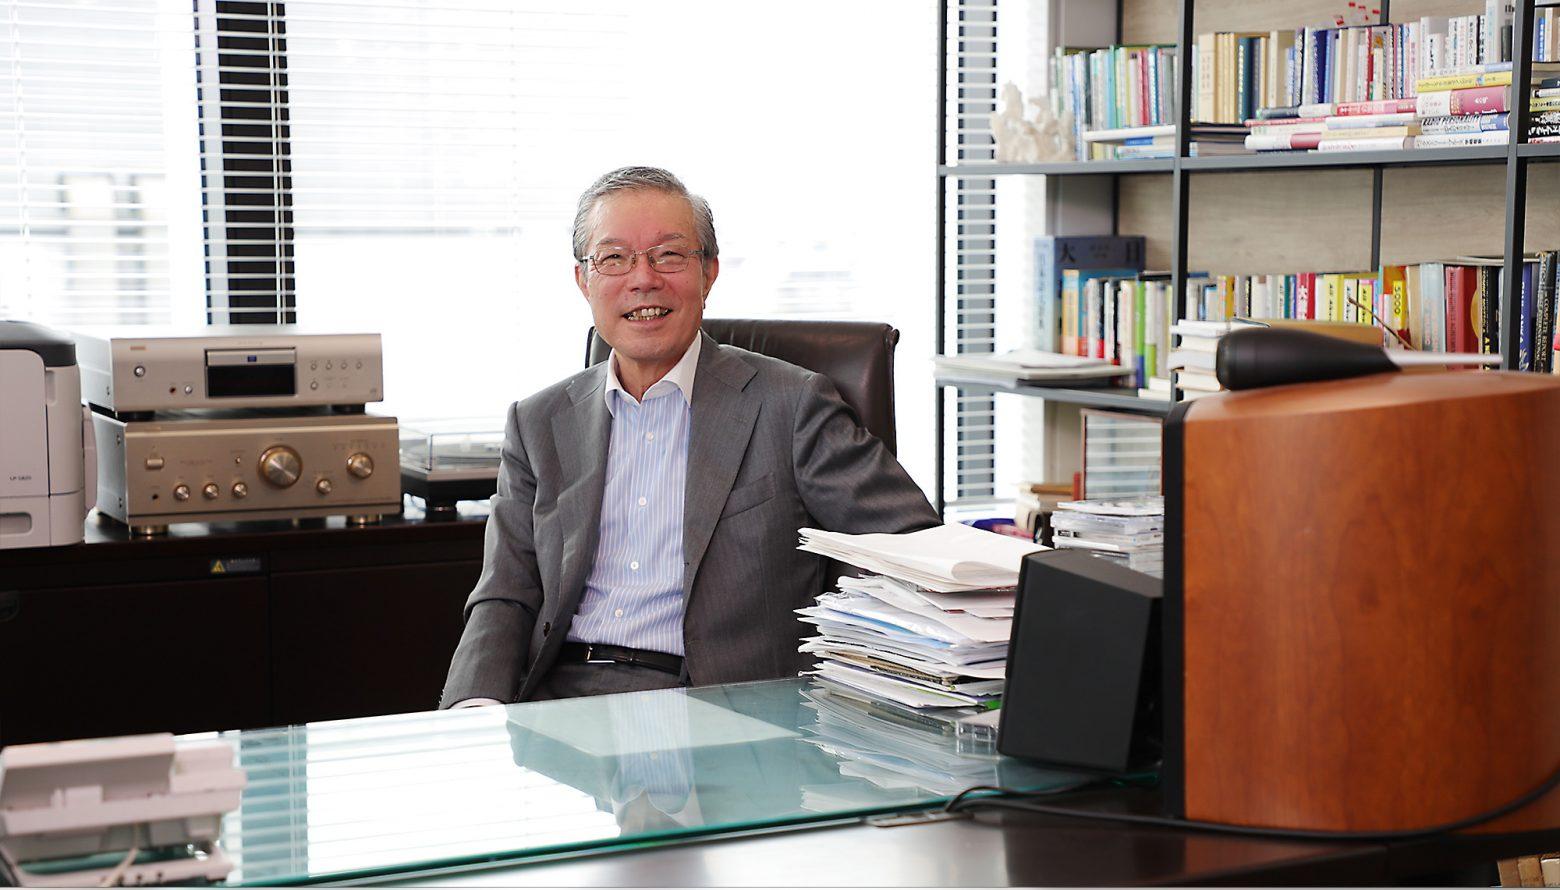 フジパシ 代表取締役会長 朝妻一郎氏、YouTubeにてスペシャルプログラム「朝妻一郎 たかなる心の歌」を配信開始 第1弾は洋楽編